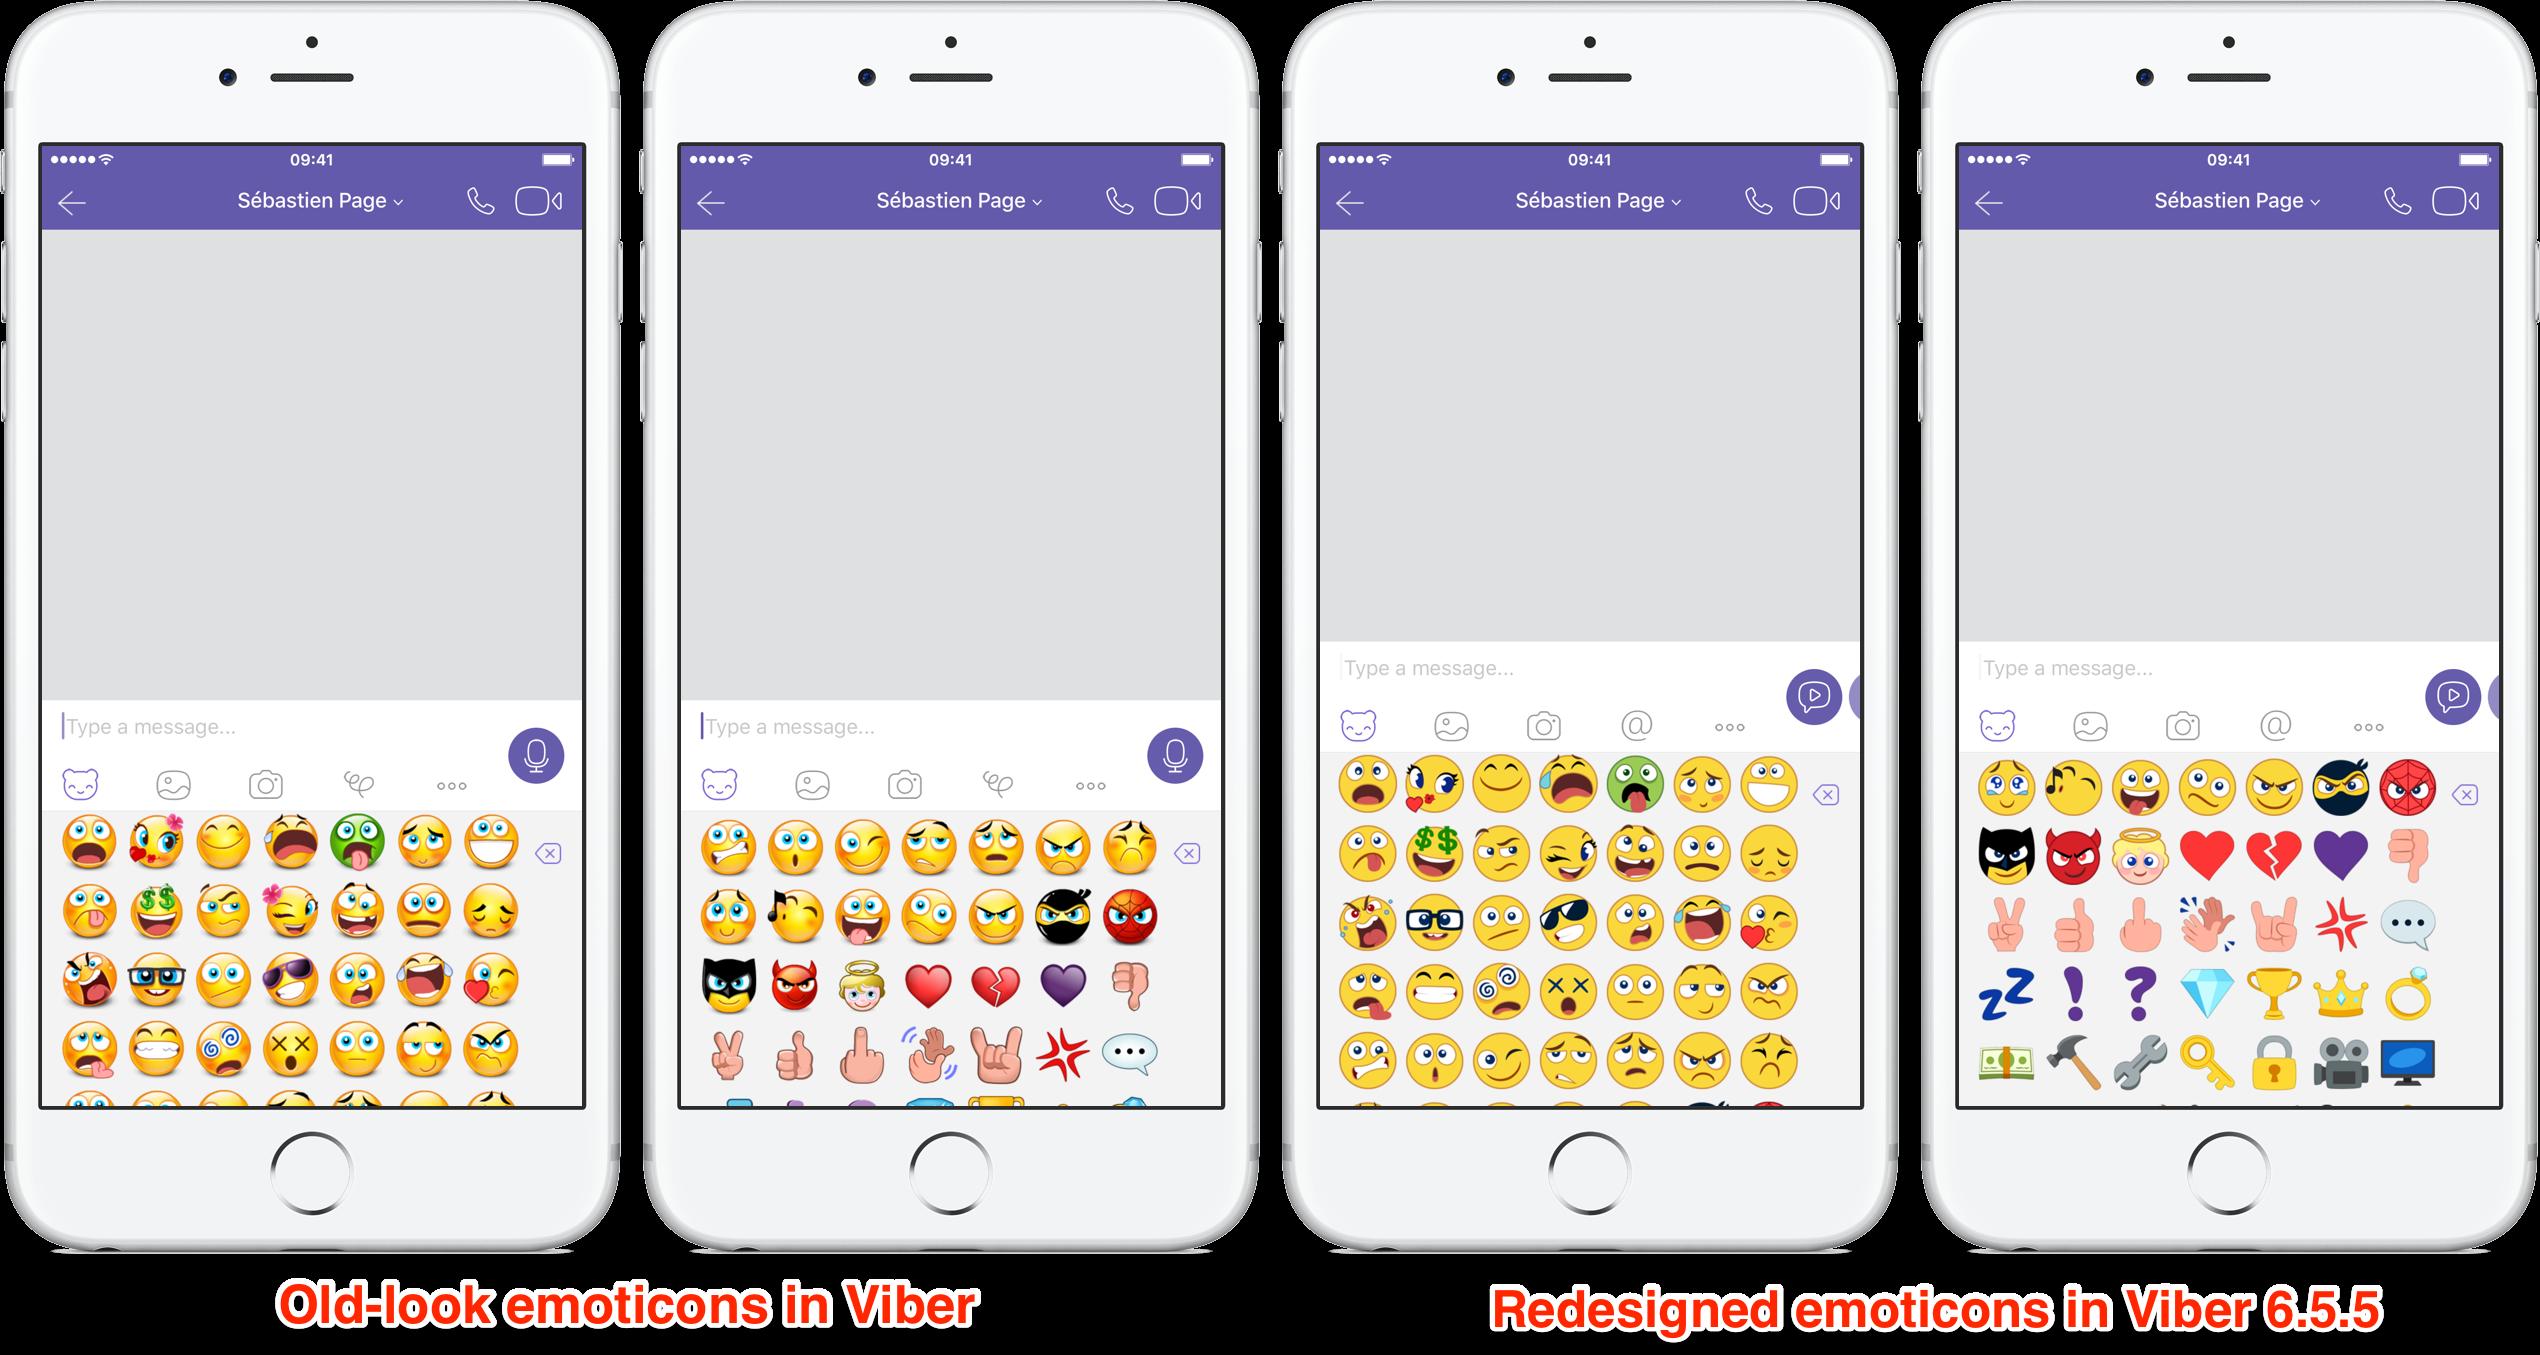 viber-emoji